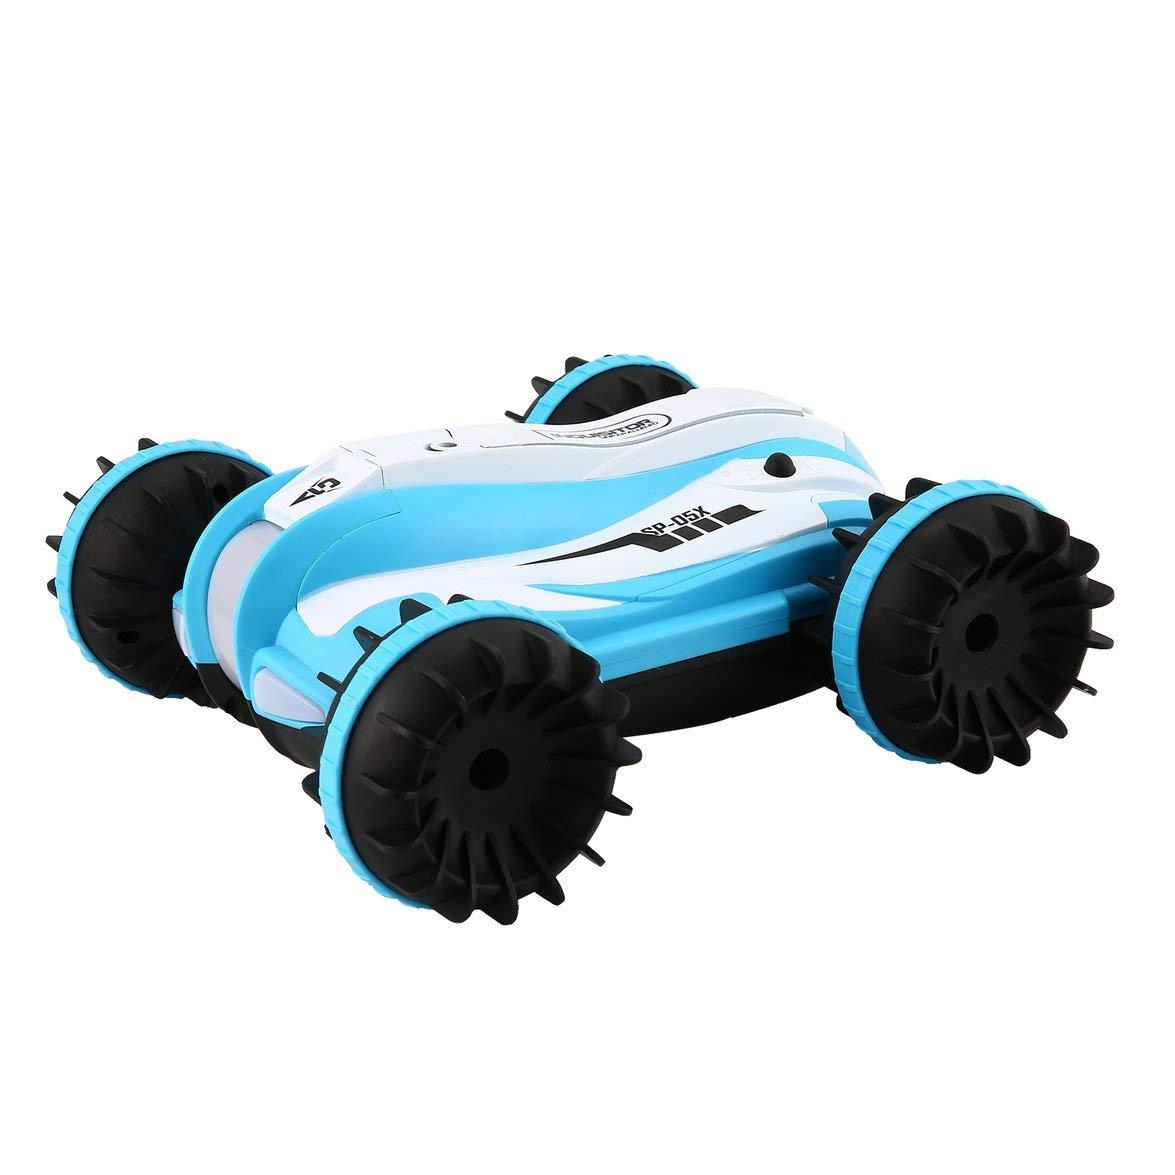 Kongqiabona YED 1804 1:12 2,4 GHz 10 km/h Amphibien Stunt RC Auto 360 Grad Rotation Fahrzeug RC Auto Spielzeug für Kinder Geschenk